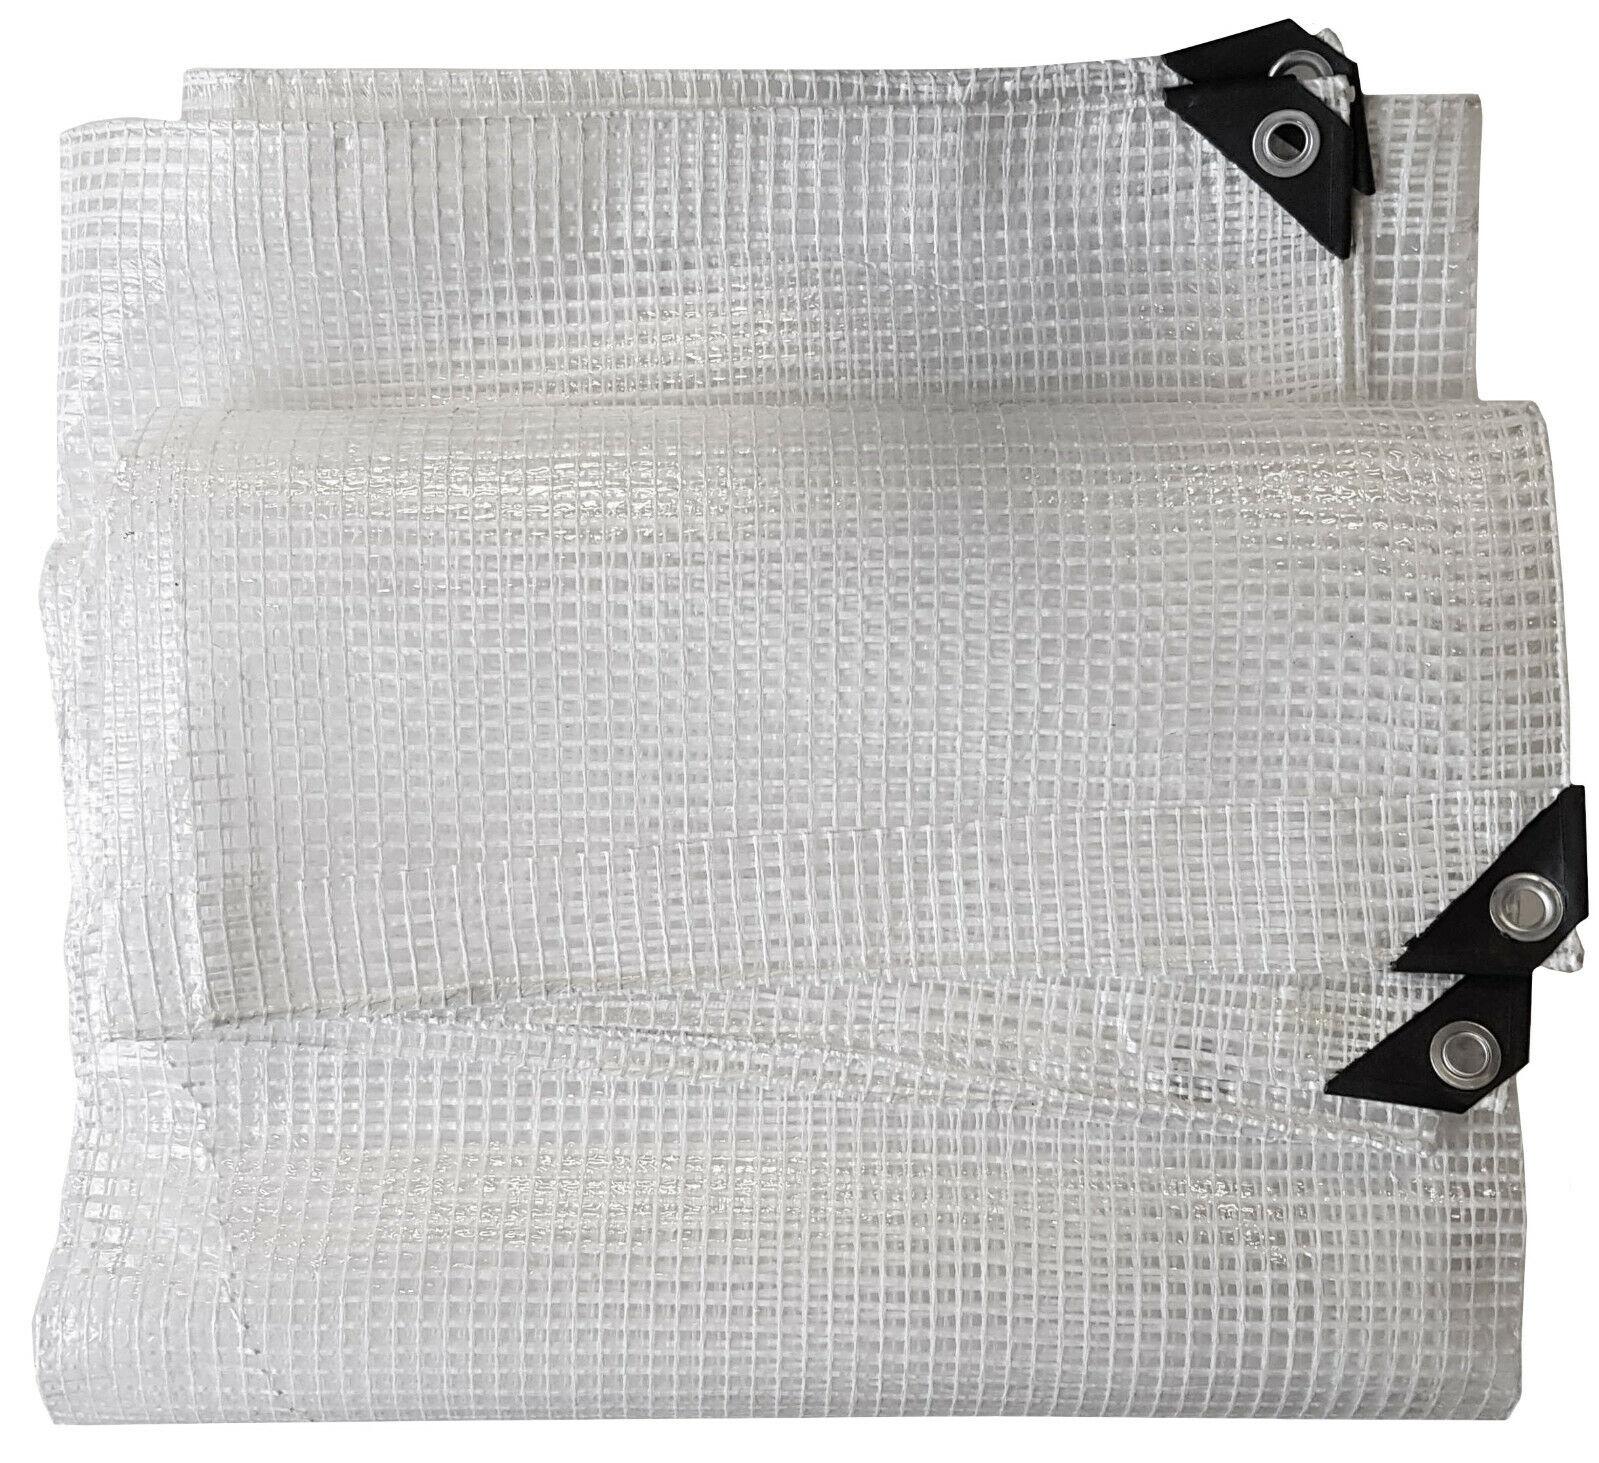 350gsm Heavy Duty Reinforced Mesh Clear Tarpaulin Waterproof Cover Mono Sheet